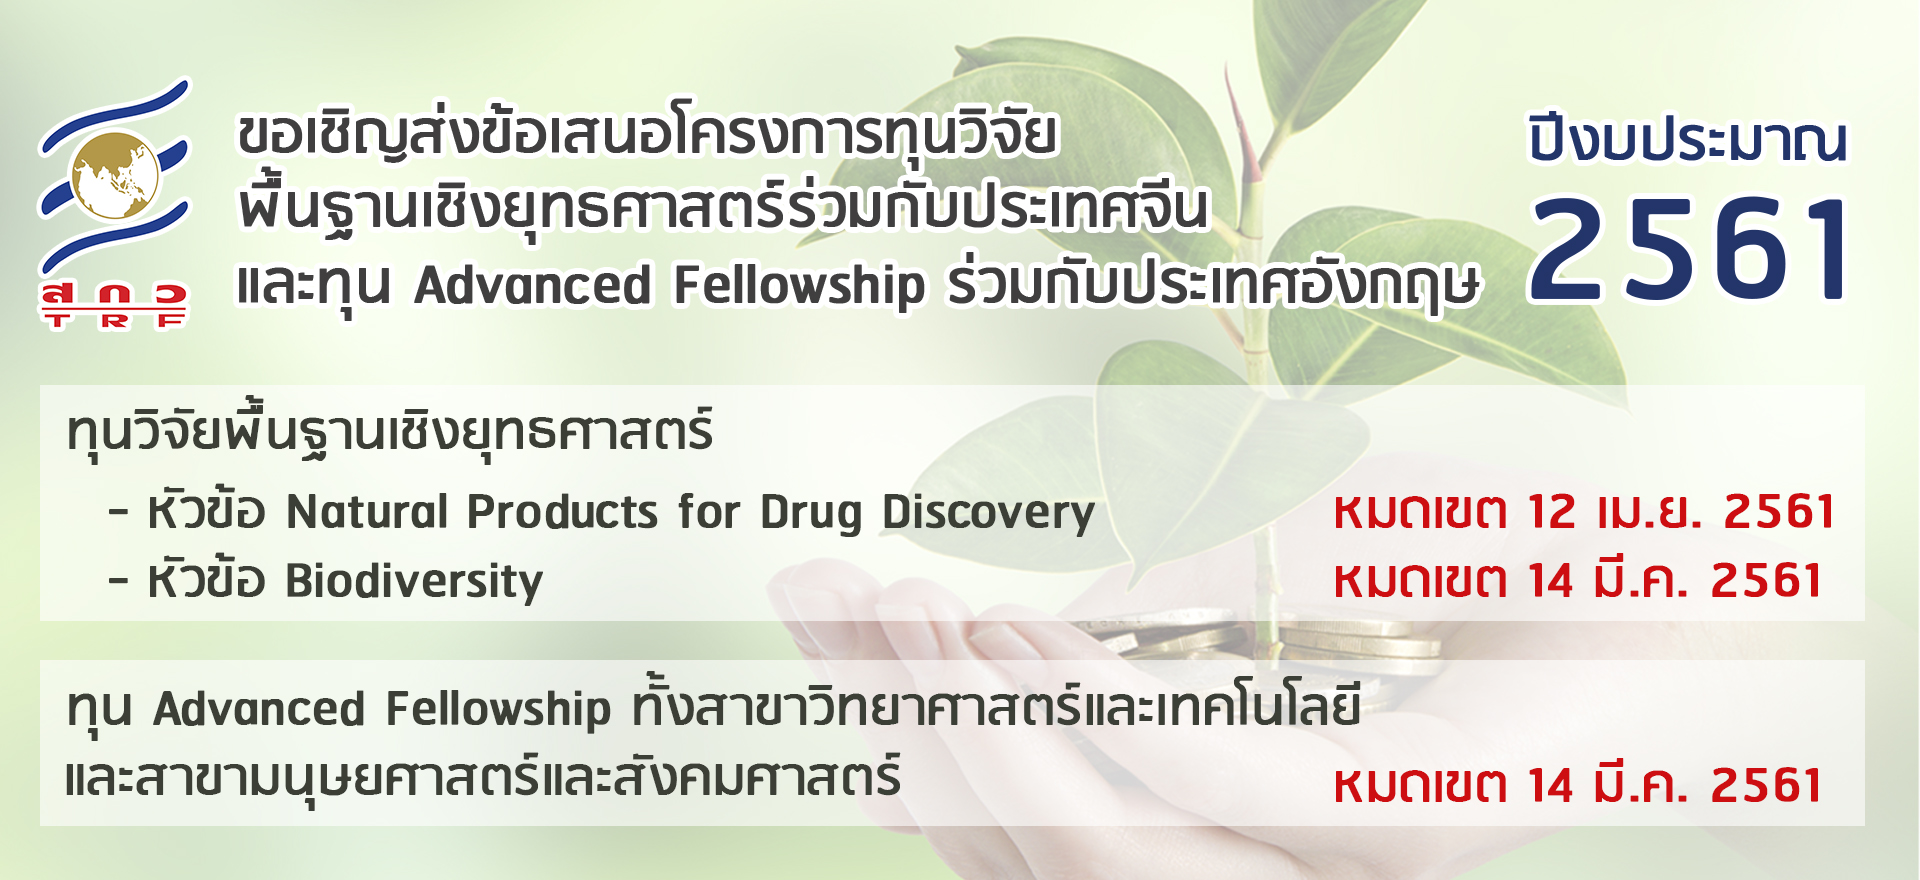 ขอเชิญส่งข้อเสนอโครงการทุนวิจัยพื้นฐานเชิงยุทธศาสตร์์ร่วมกับประเทศจีน และทุน Advanced Fellowship ร่วมกับประเทศอังกฤษ ประจำปีงบประมาณ 2561